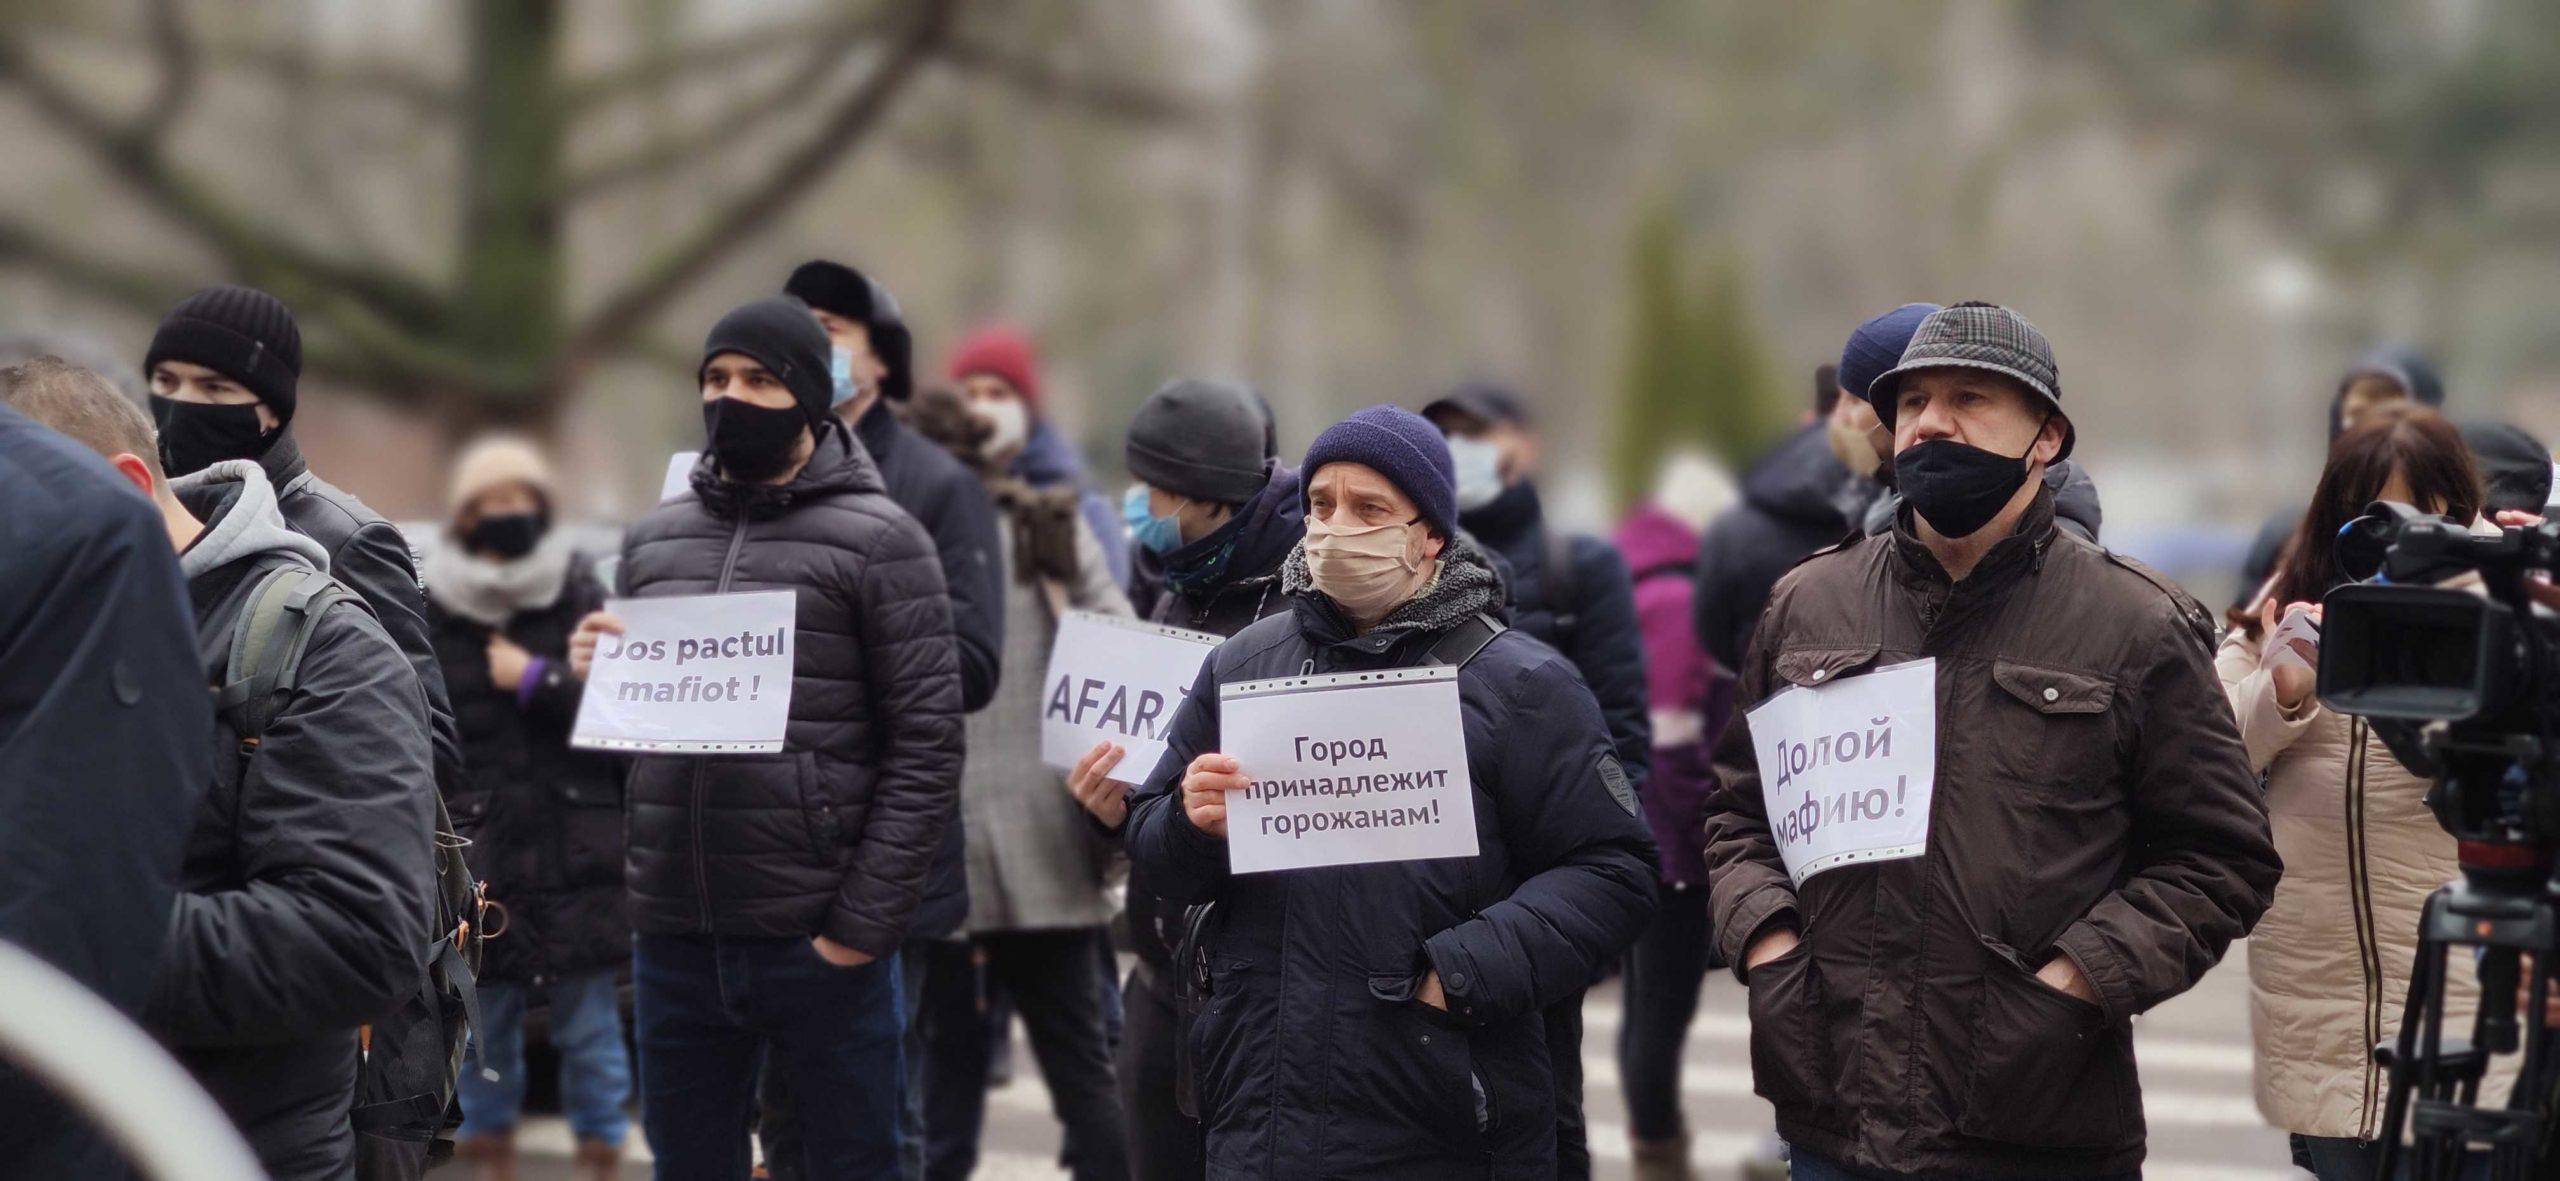 «Это — наша общая боль». ВКишиневе прошел протест против «сговора правительства смафией застройщиков» (ФОТОРЕПОРТАЖ NM)